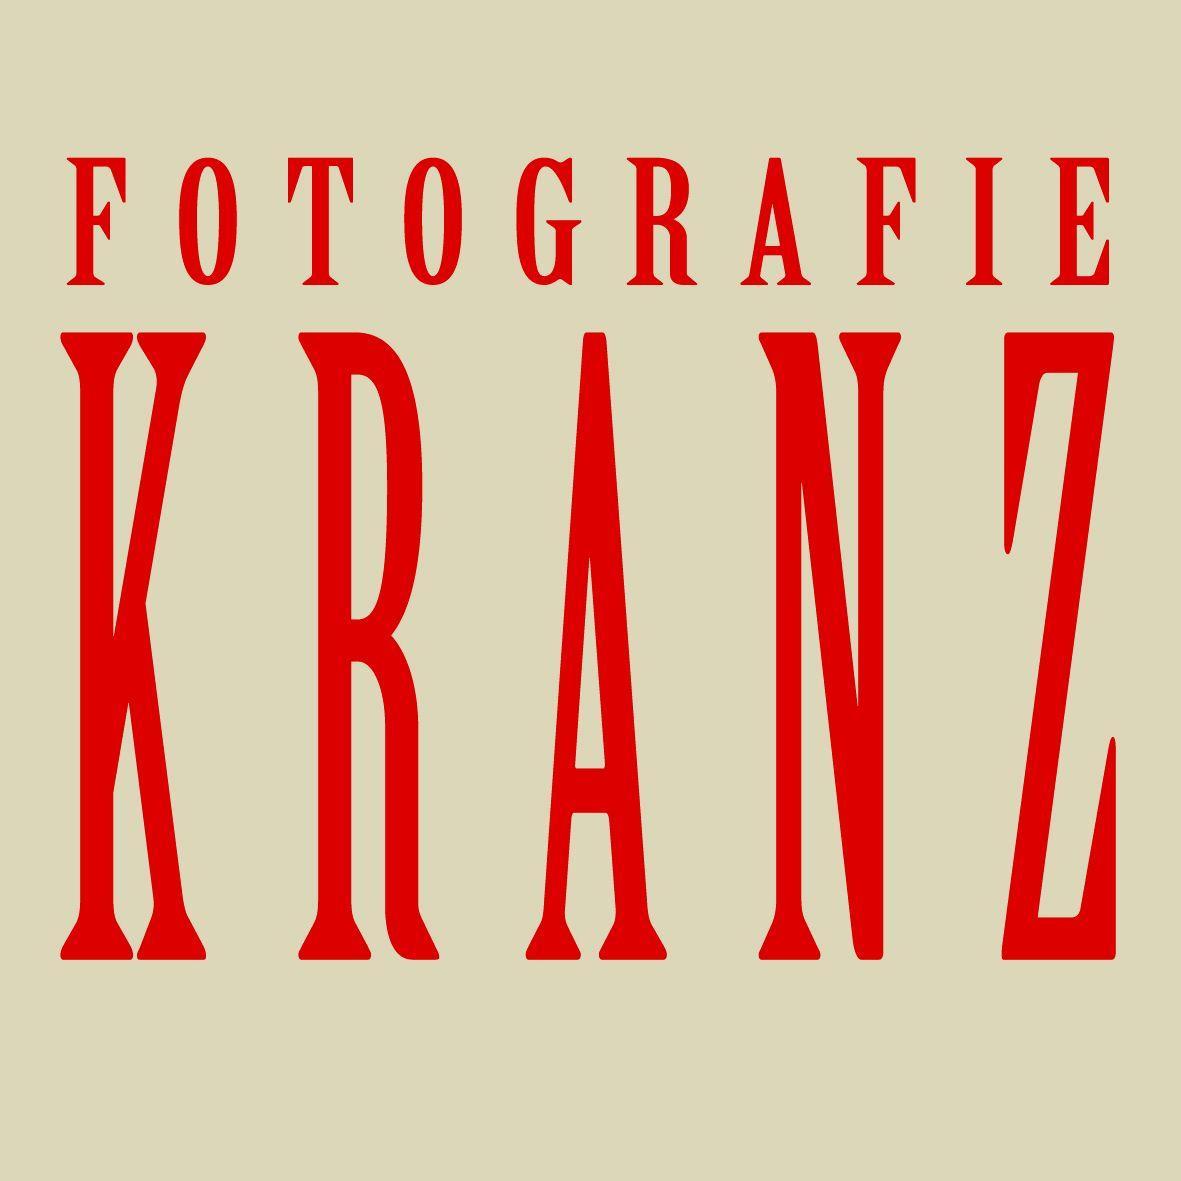 Fotografie Kranz